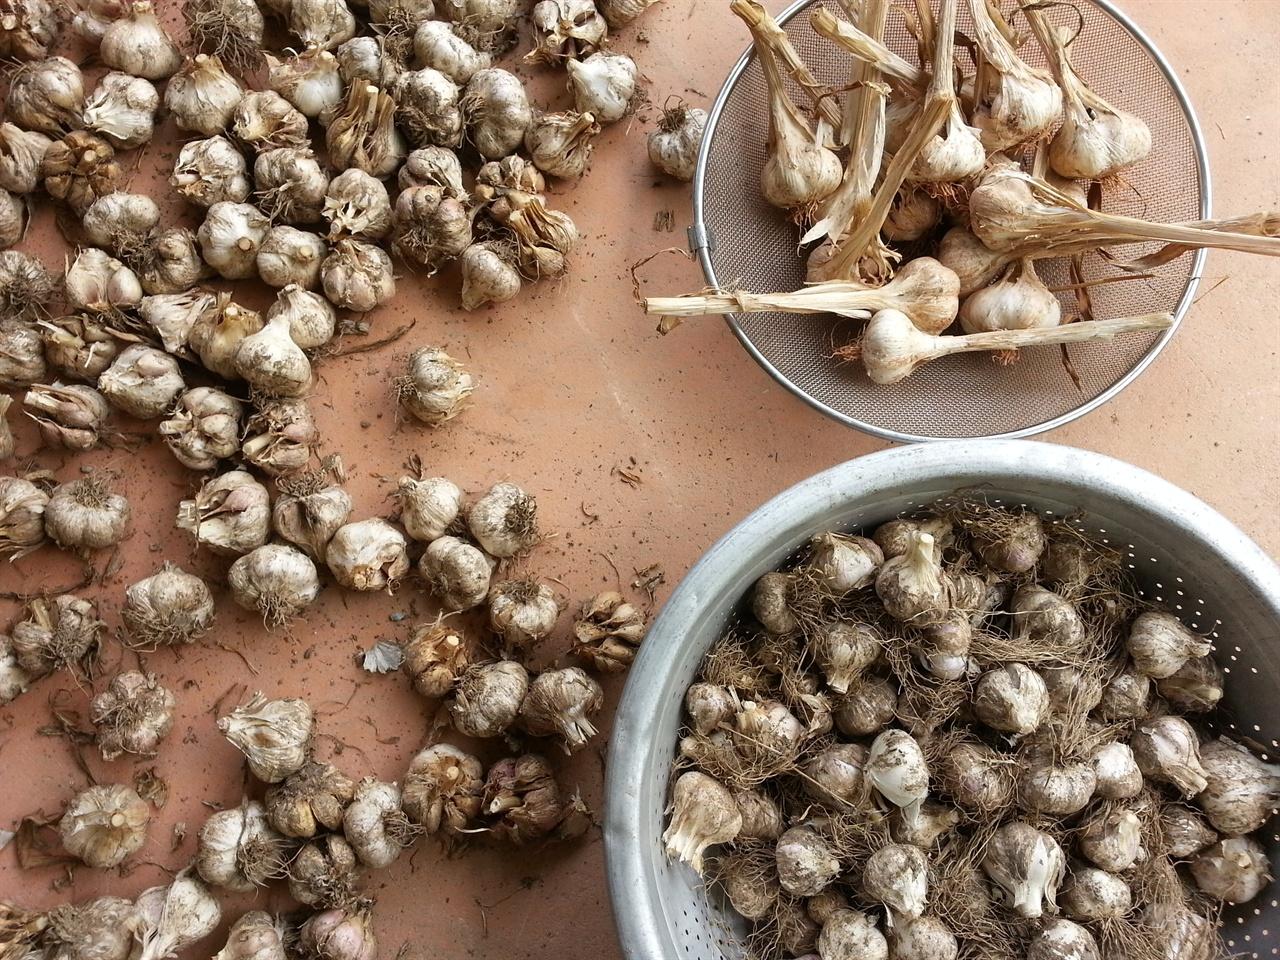 마늘 큰 바구니의 것은 우리가 농사 지은 것이고 작은 바구니와 바닥의 것은 선물 받은 것.